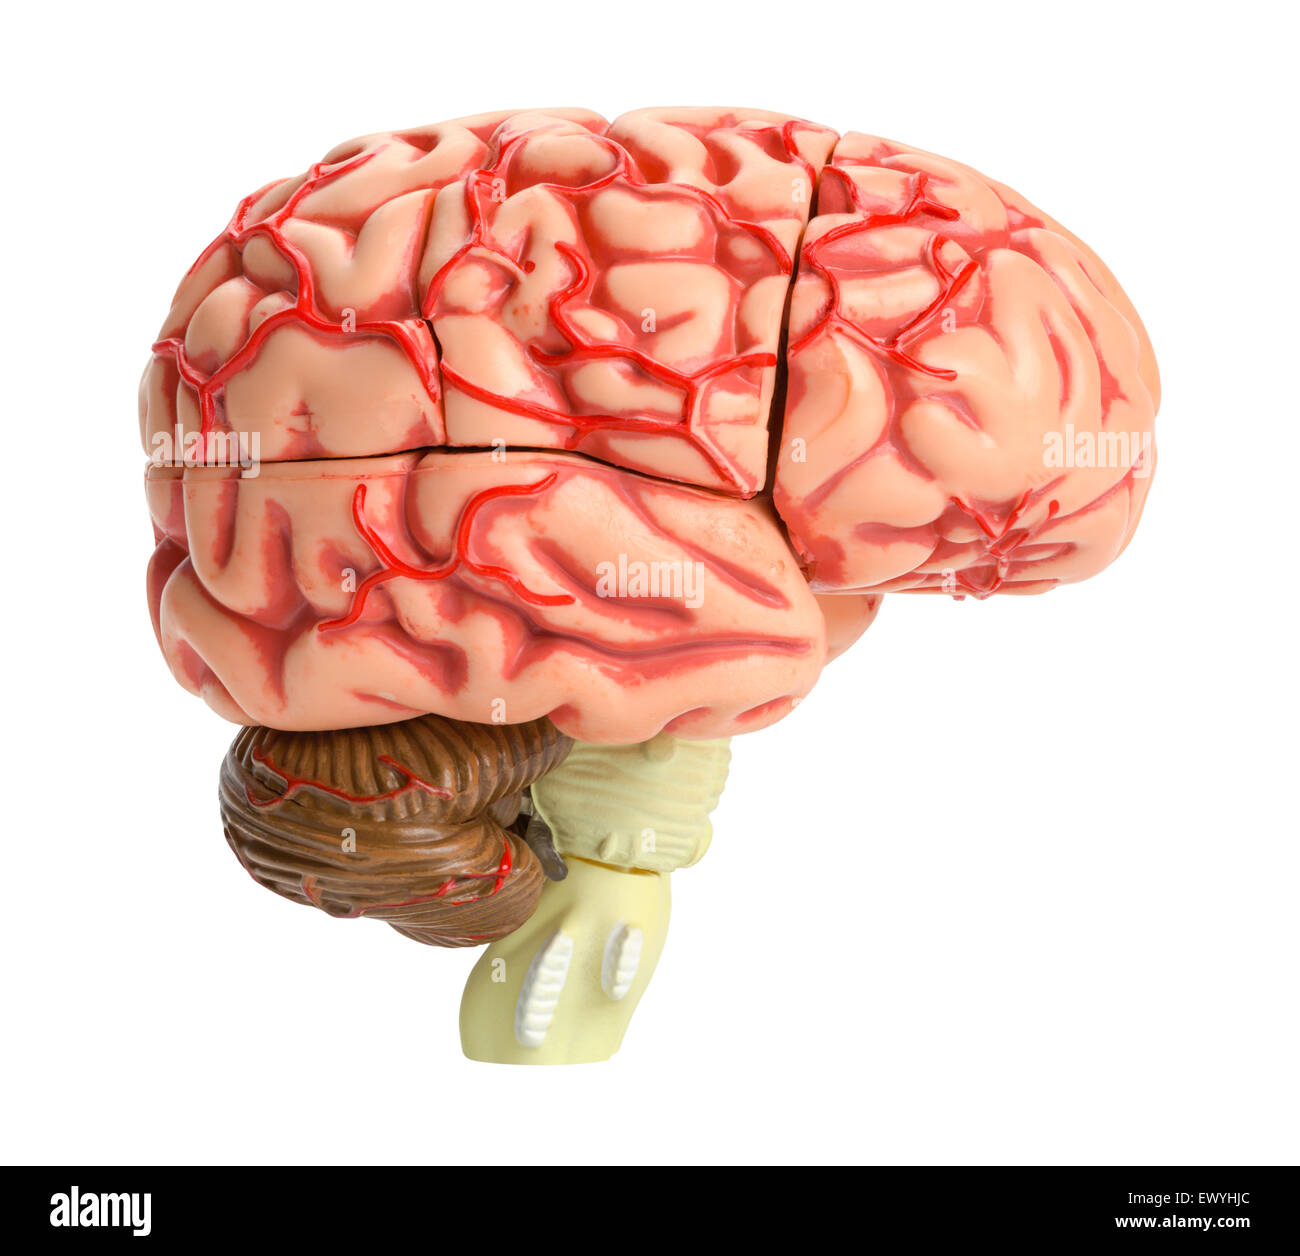 Vue de côté du modèle du cerveau humain isolé sur fond blanc. Photo Stock